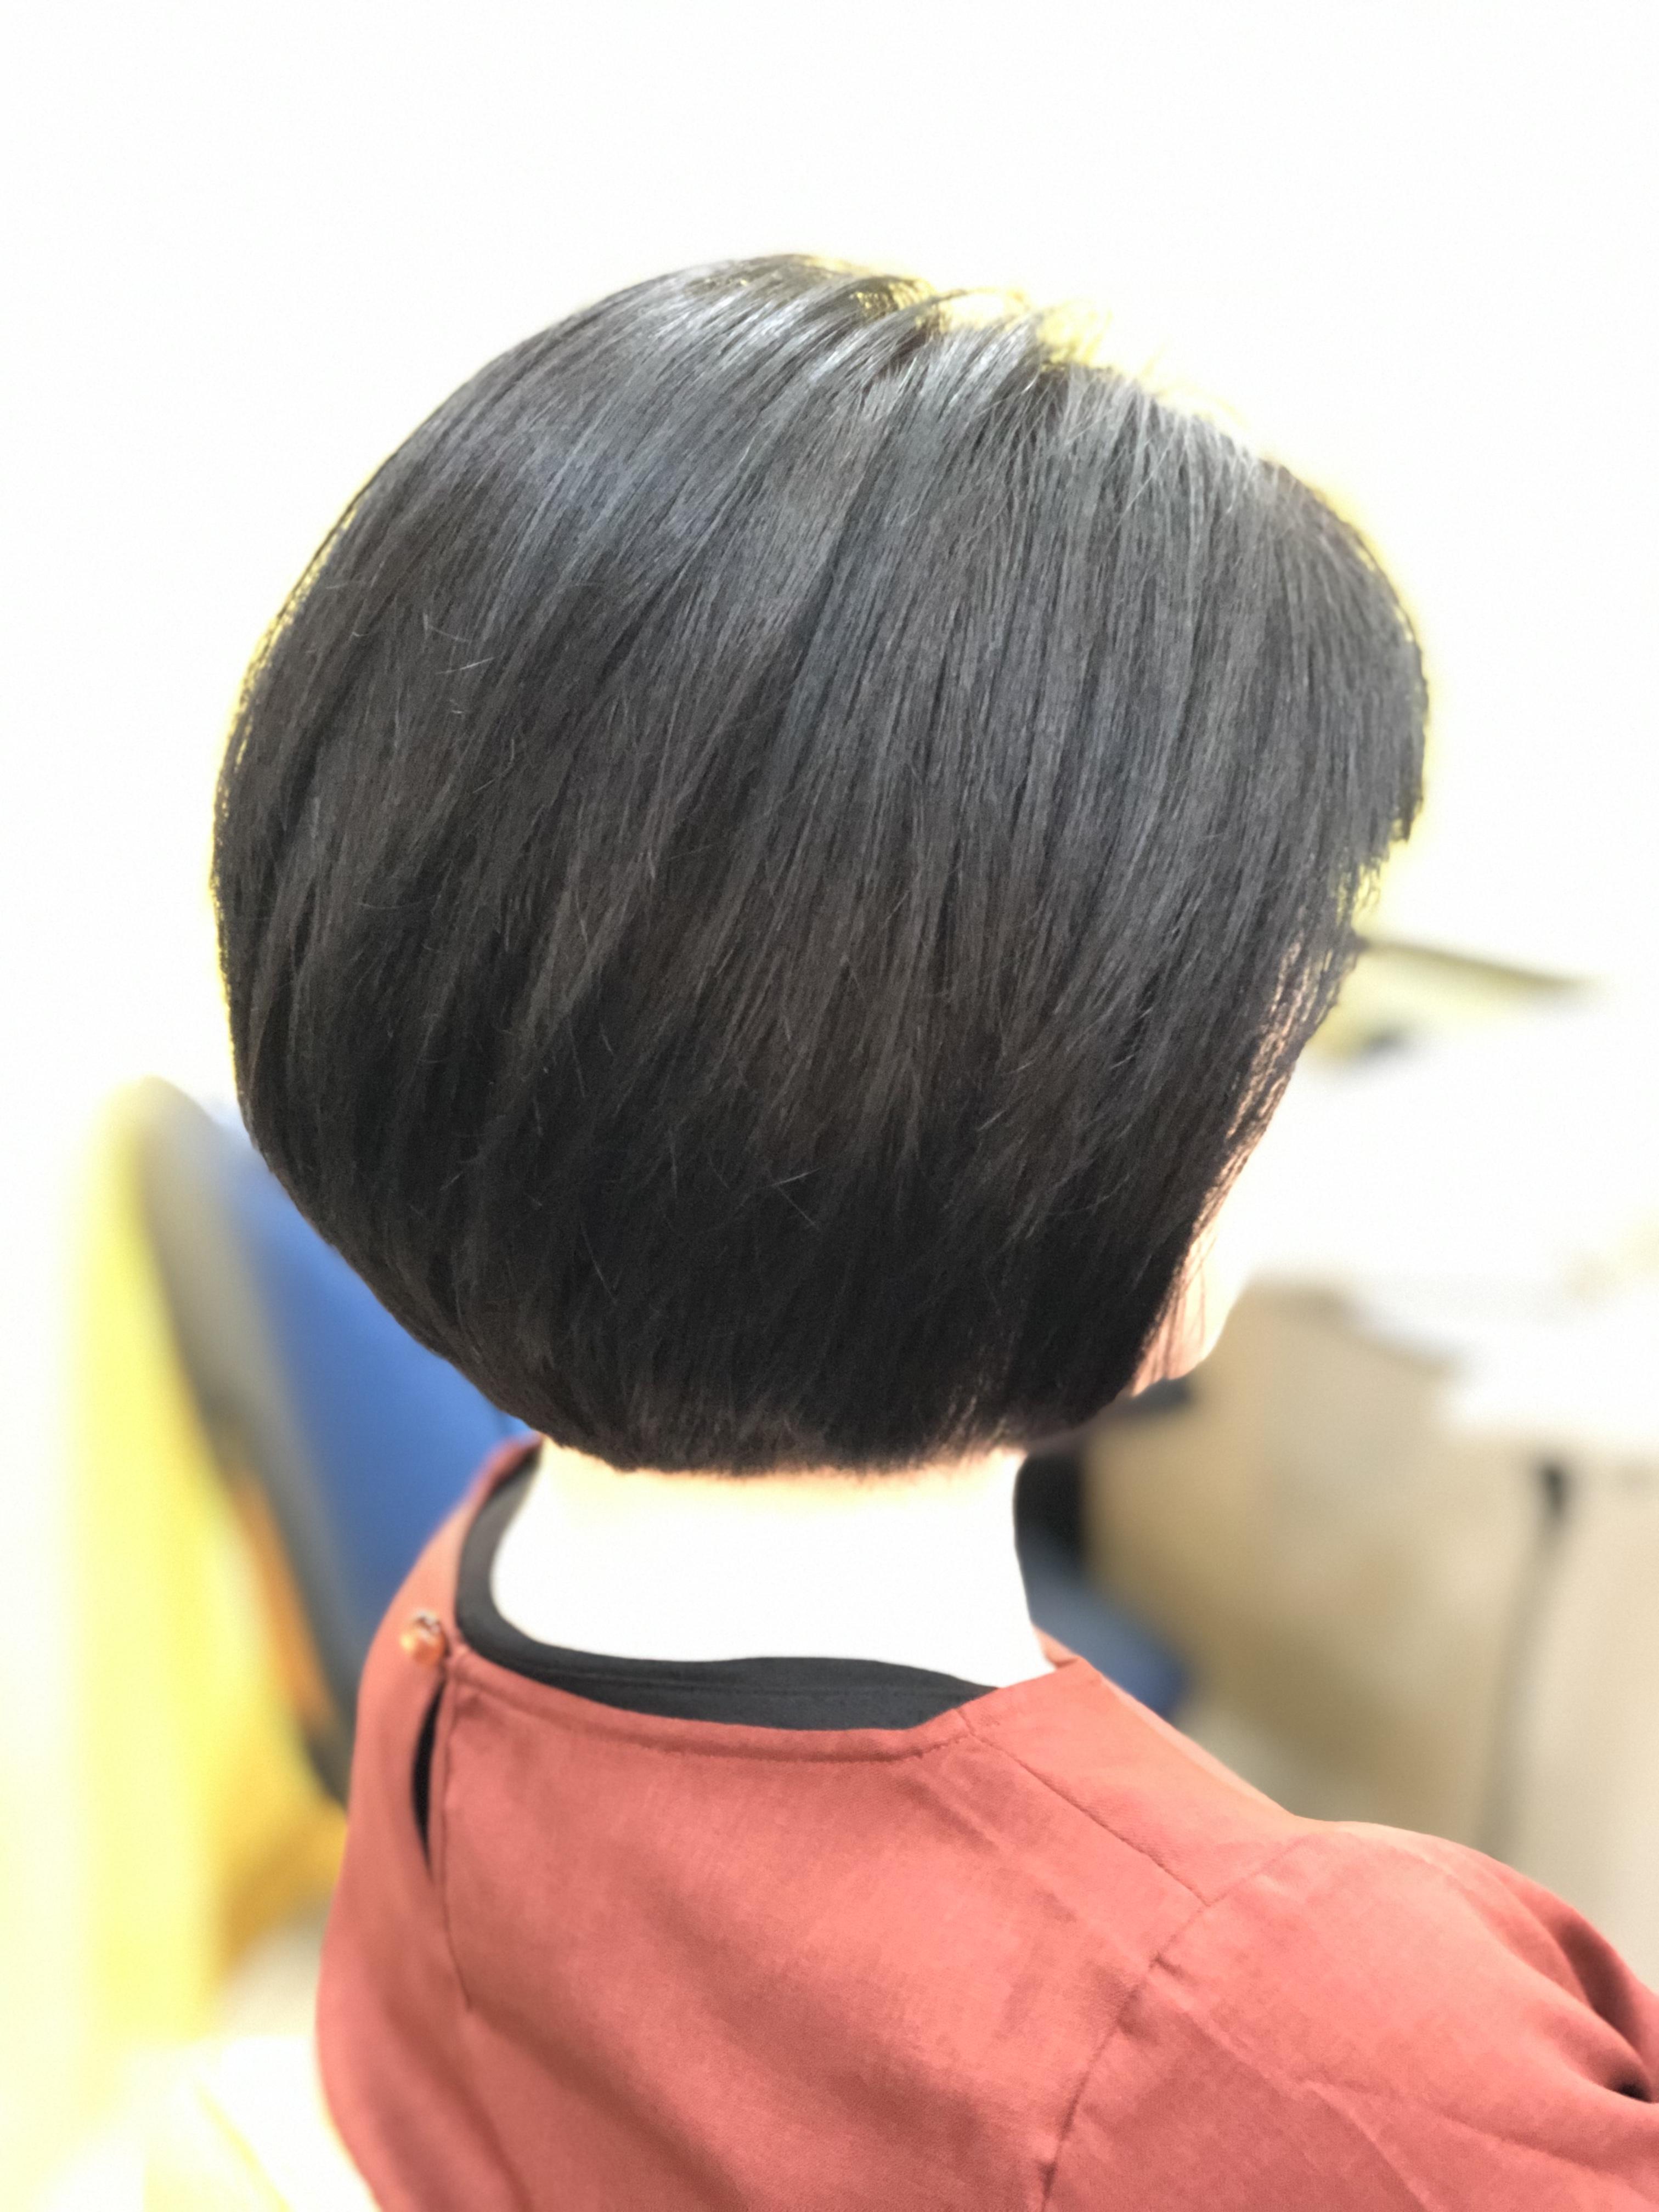 くせ毛ブローレススタイル《キュビズムボブ》